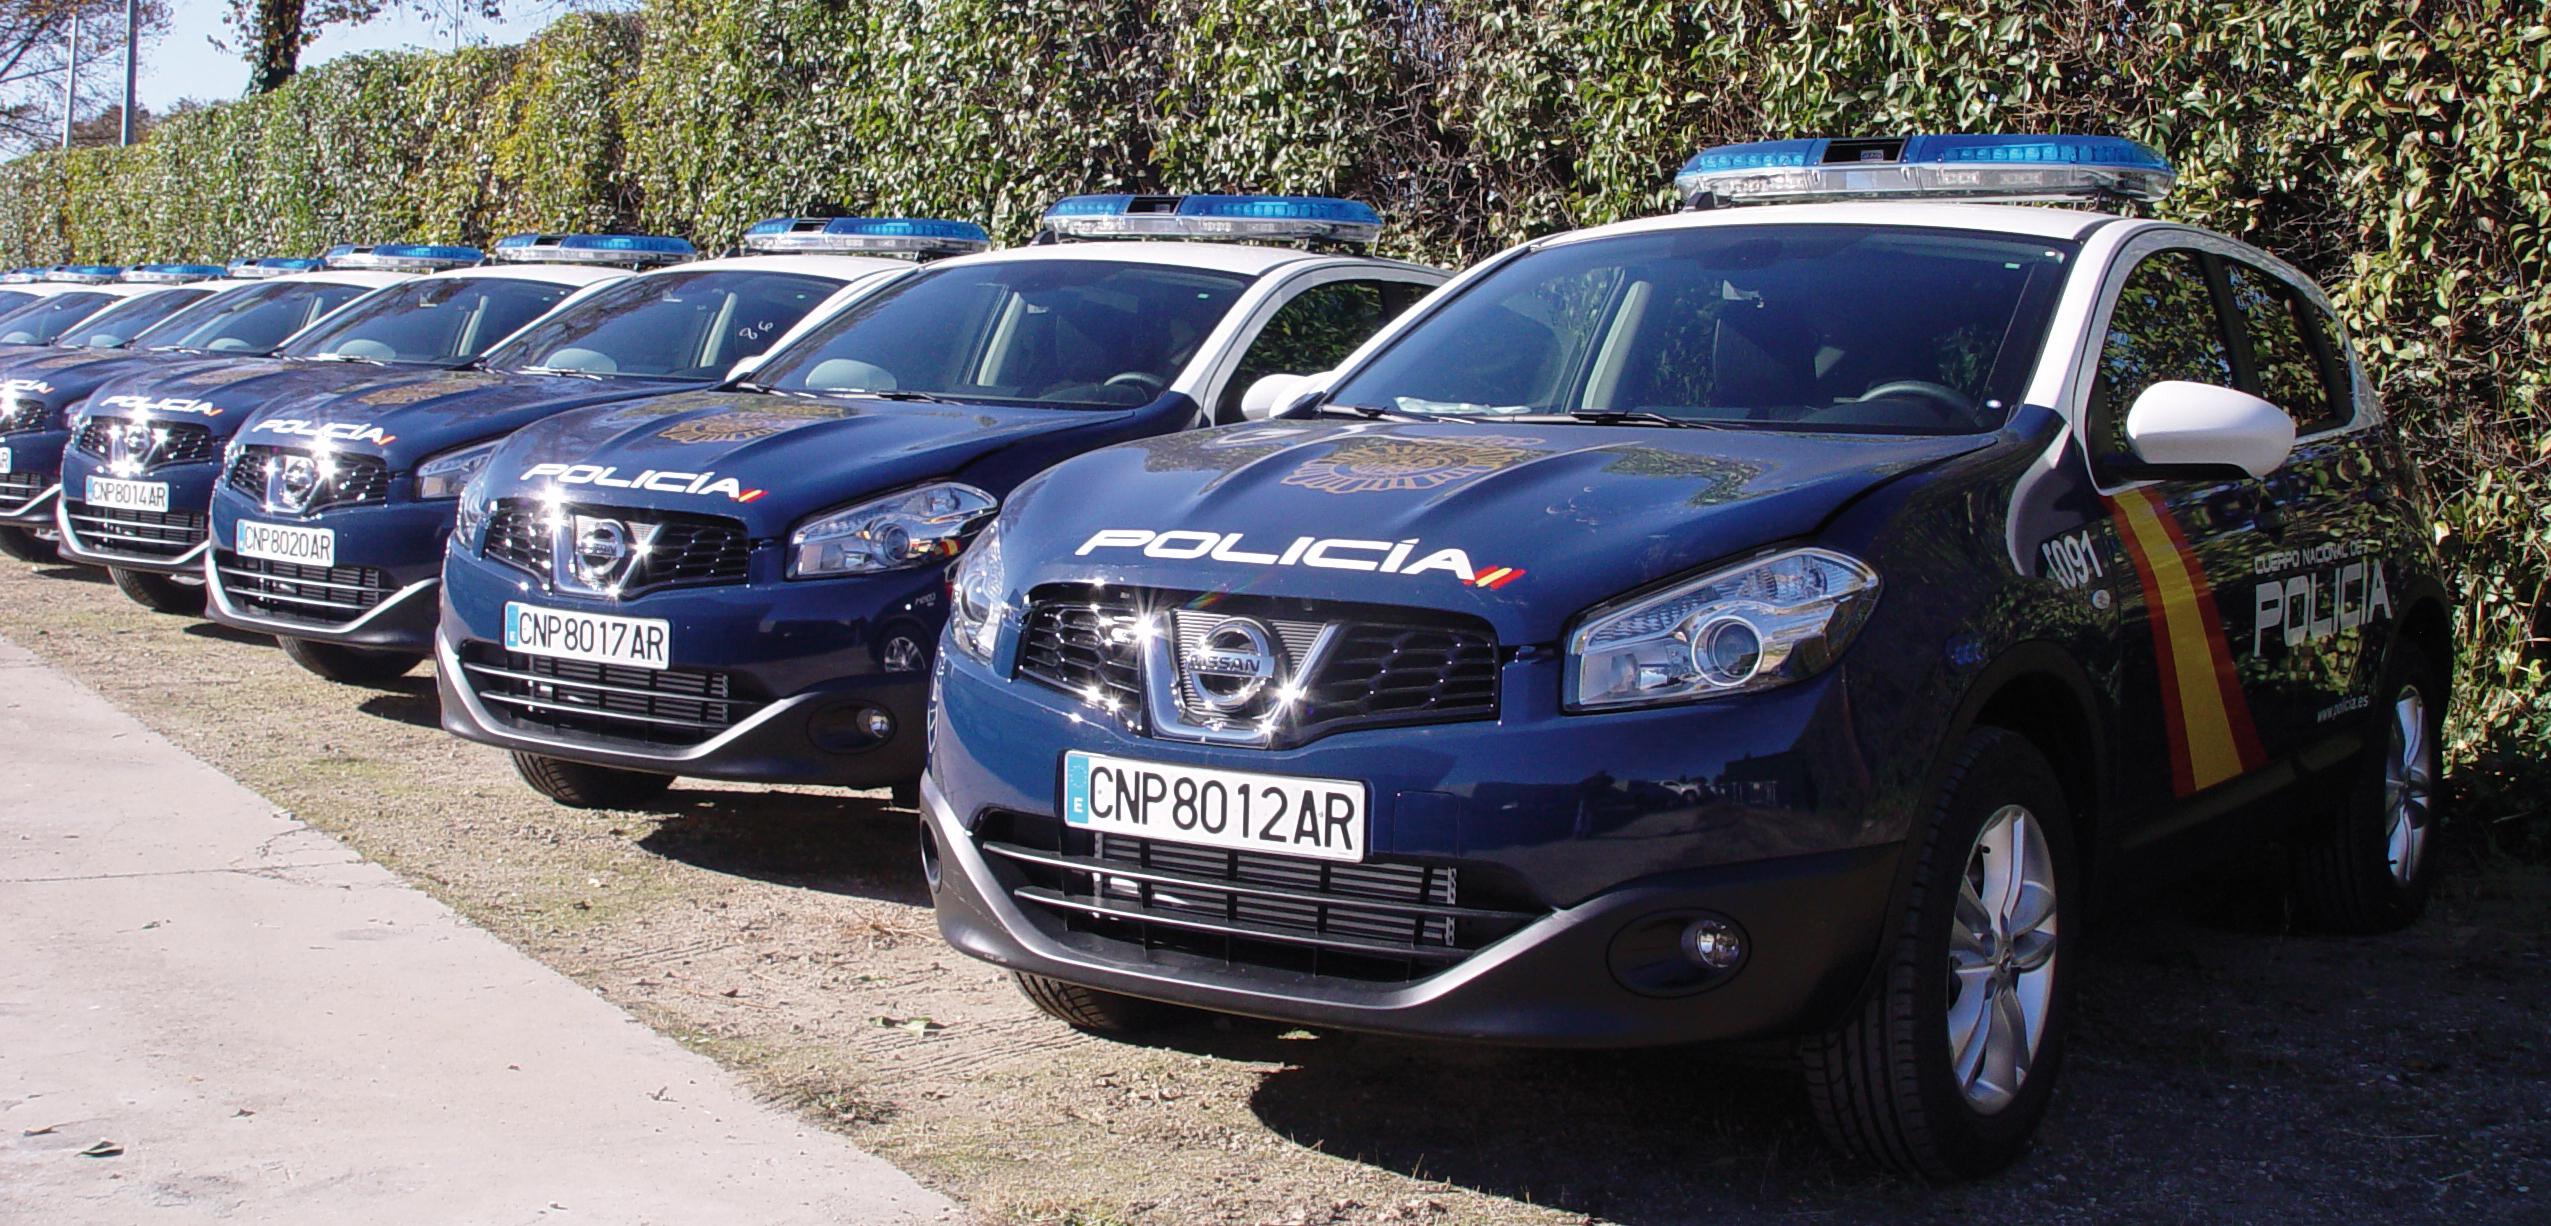 (Español) Policia